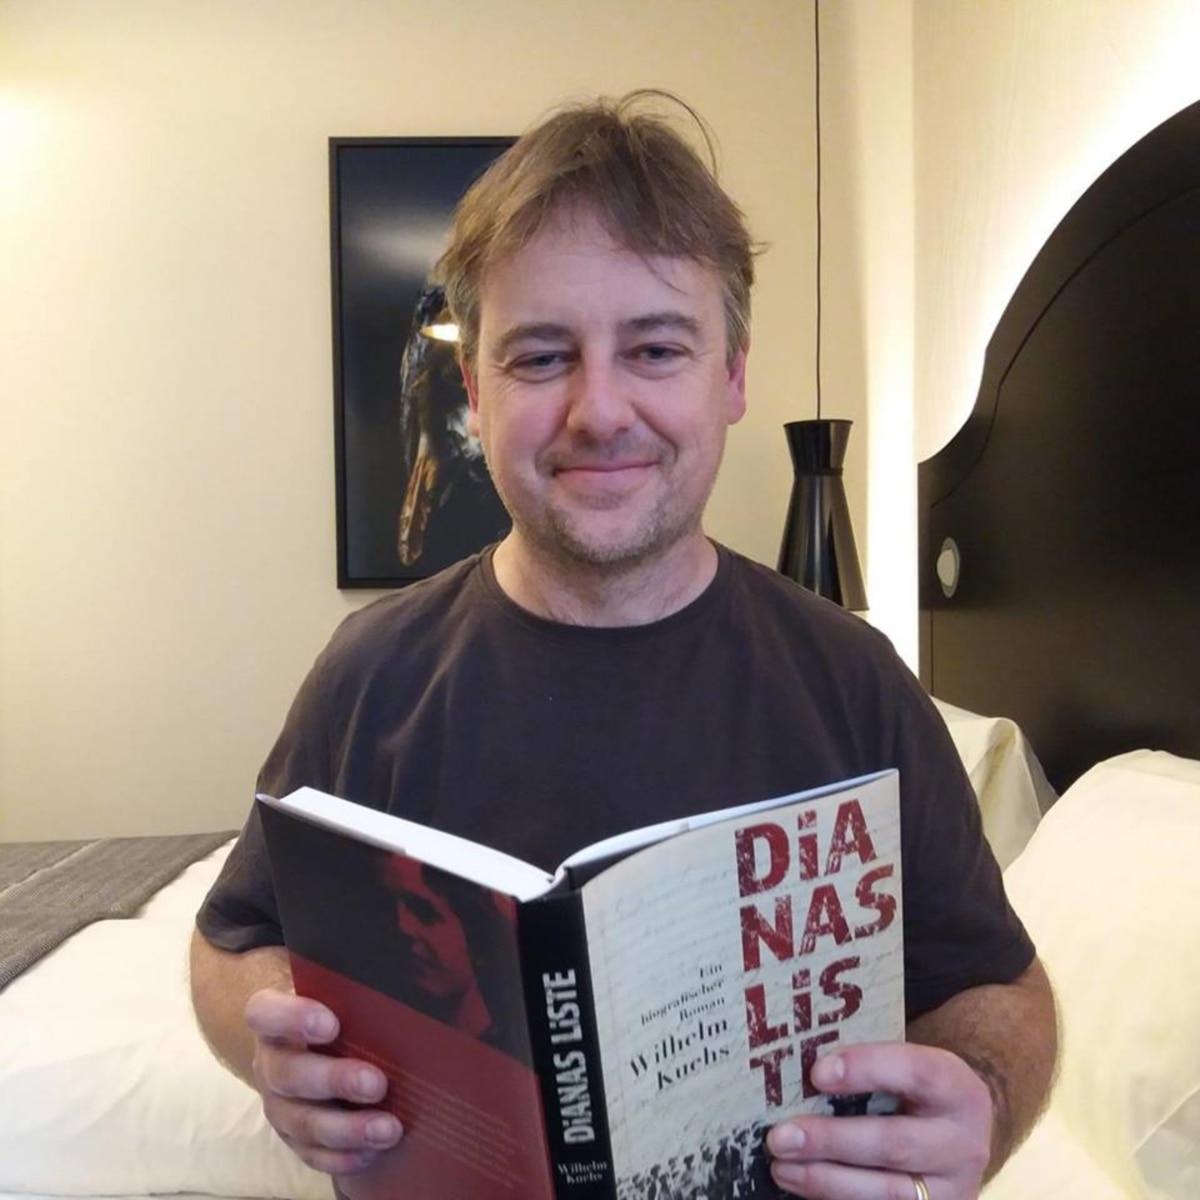 Wilhelm Kuehs, autor knjige o Diani, ustupljena fotografoja